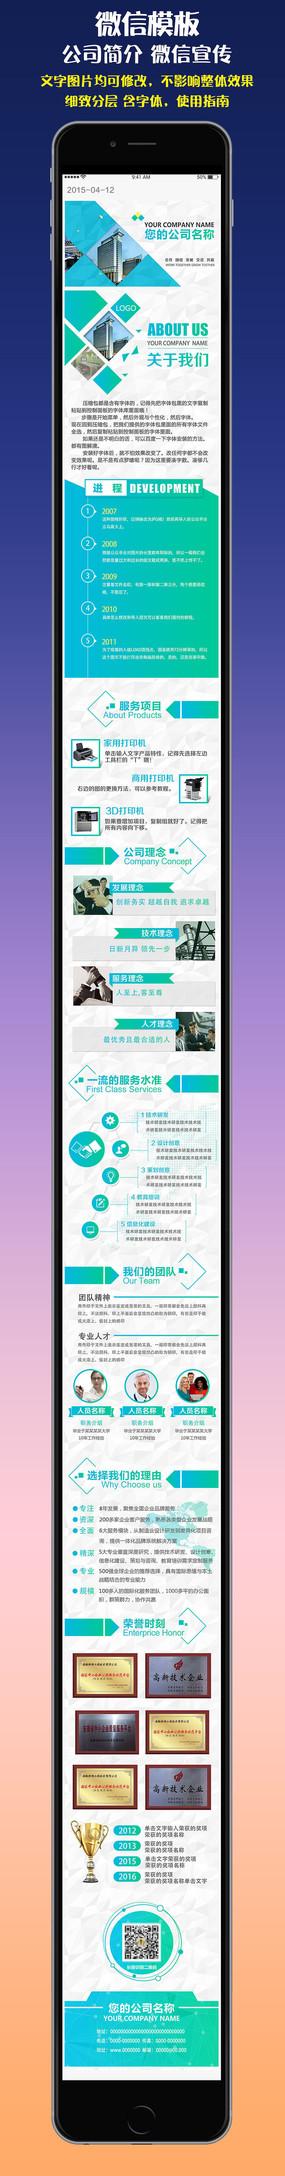 蓝色企业文化微信图文信息模板